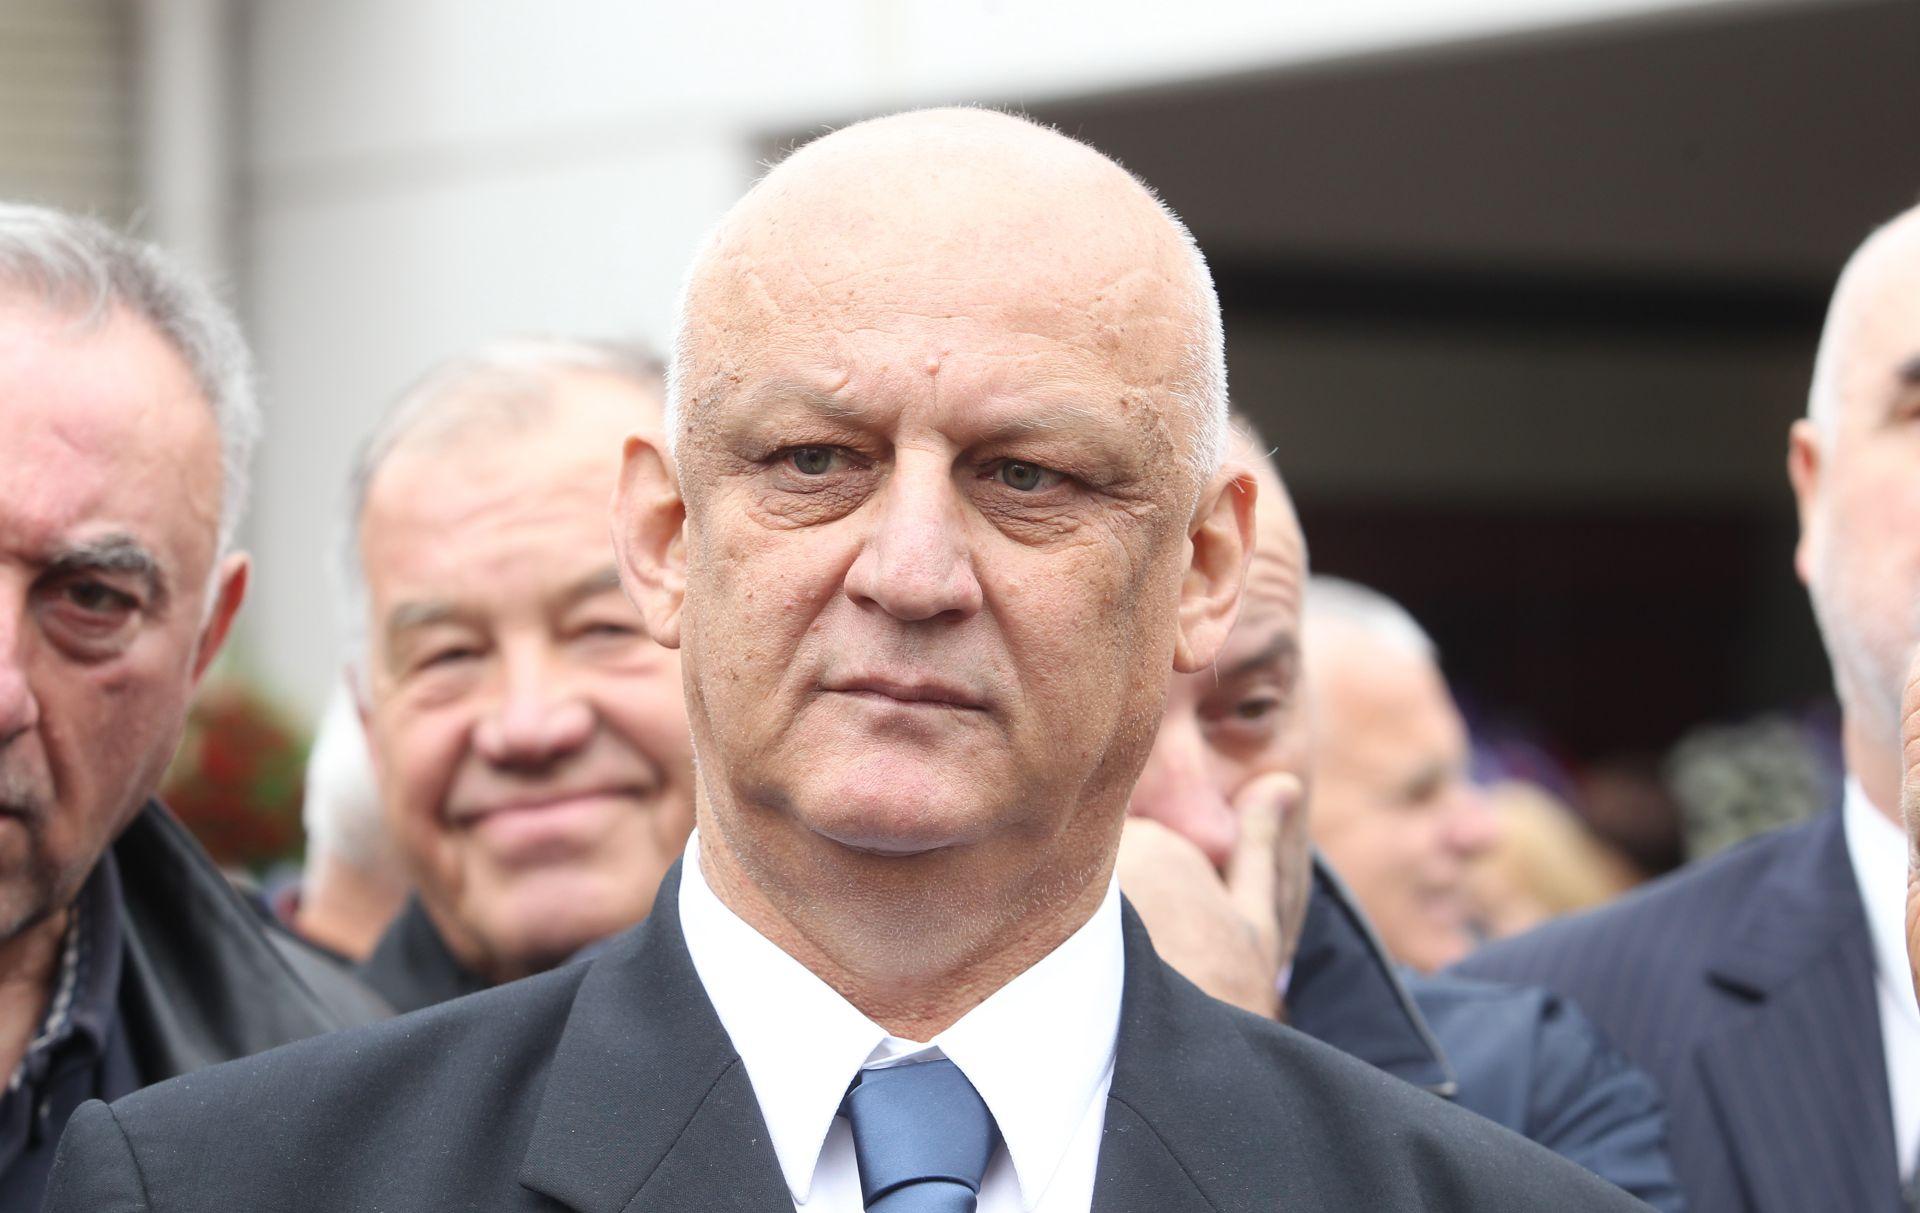 UMIROVLJENI GENERALI: Uhićenjem pripadnika HVO-a stvara se nesigurnost za Hrvate u BiH